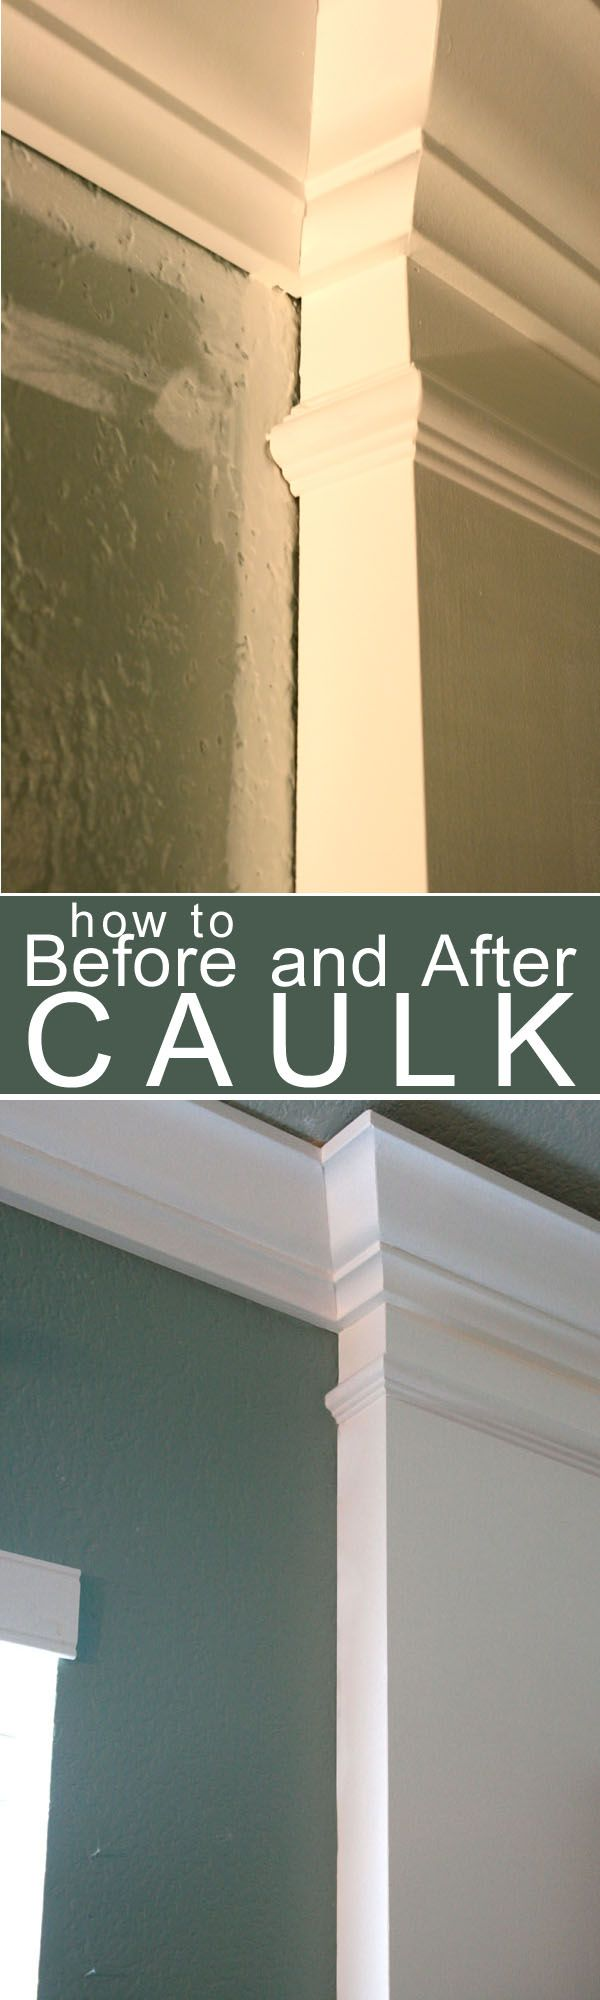 How to Caulk Moldings! #caulk #moldings #DIY